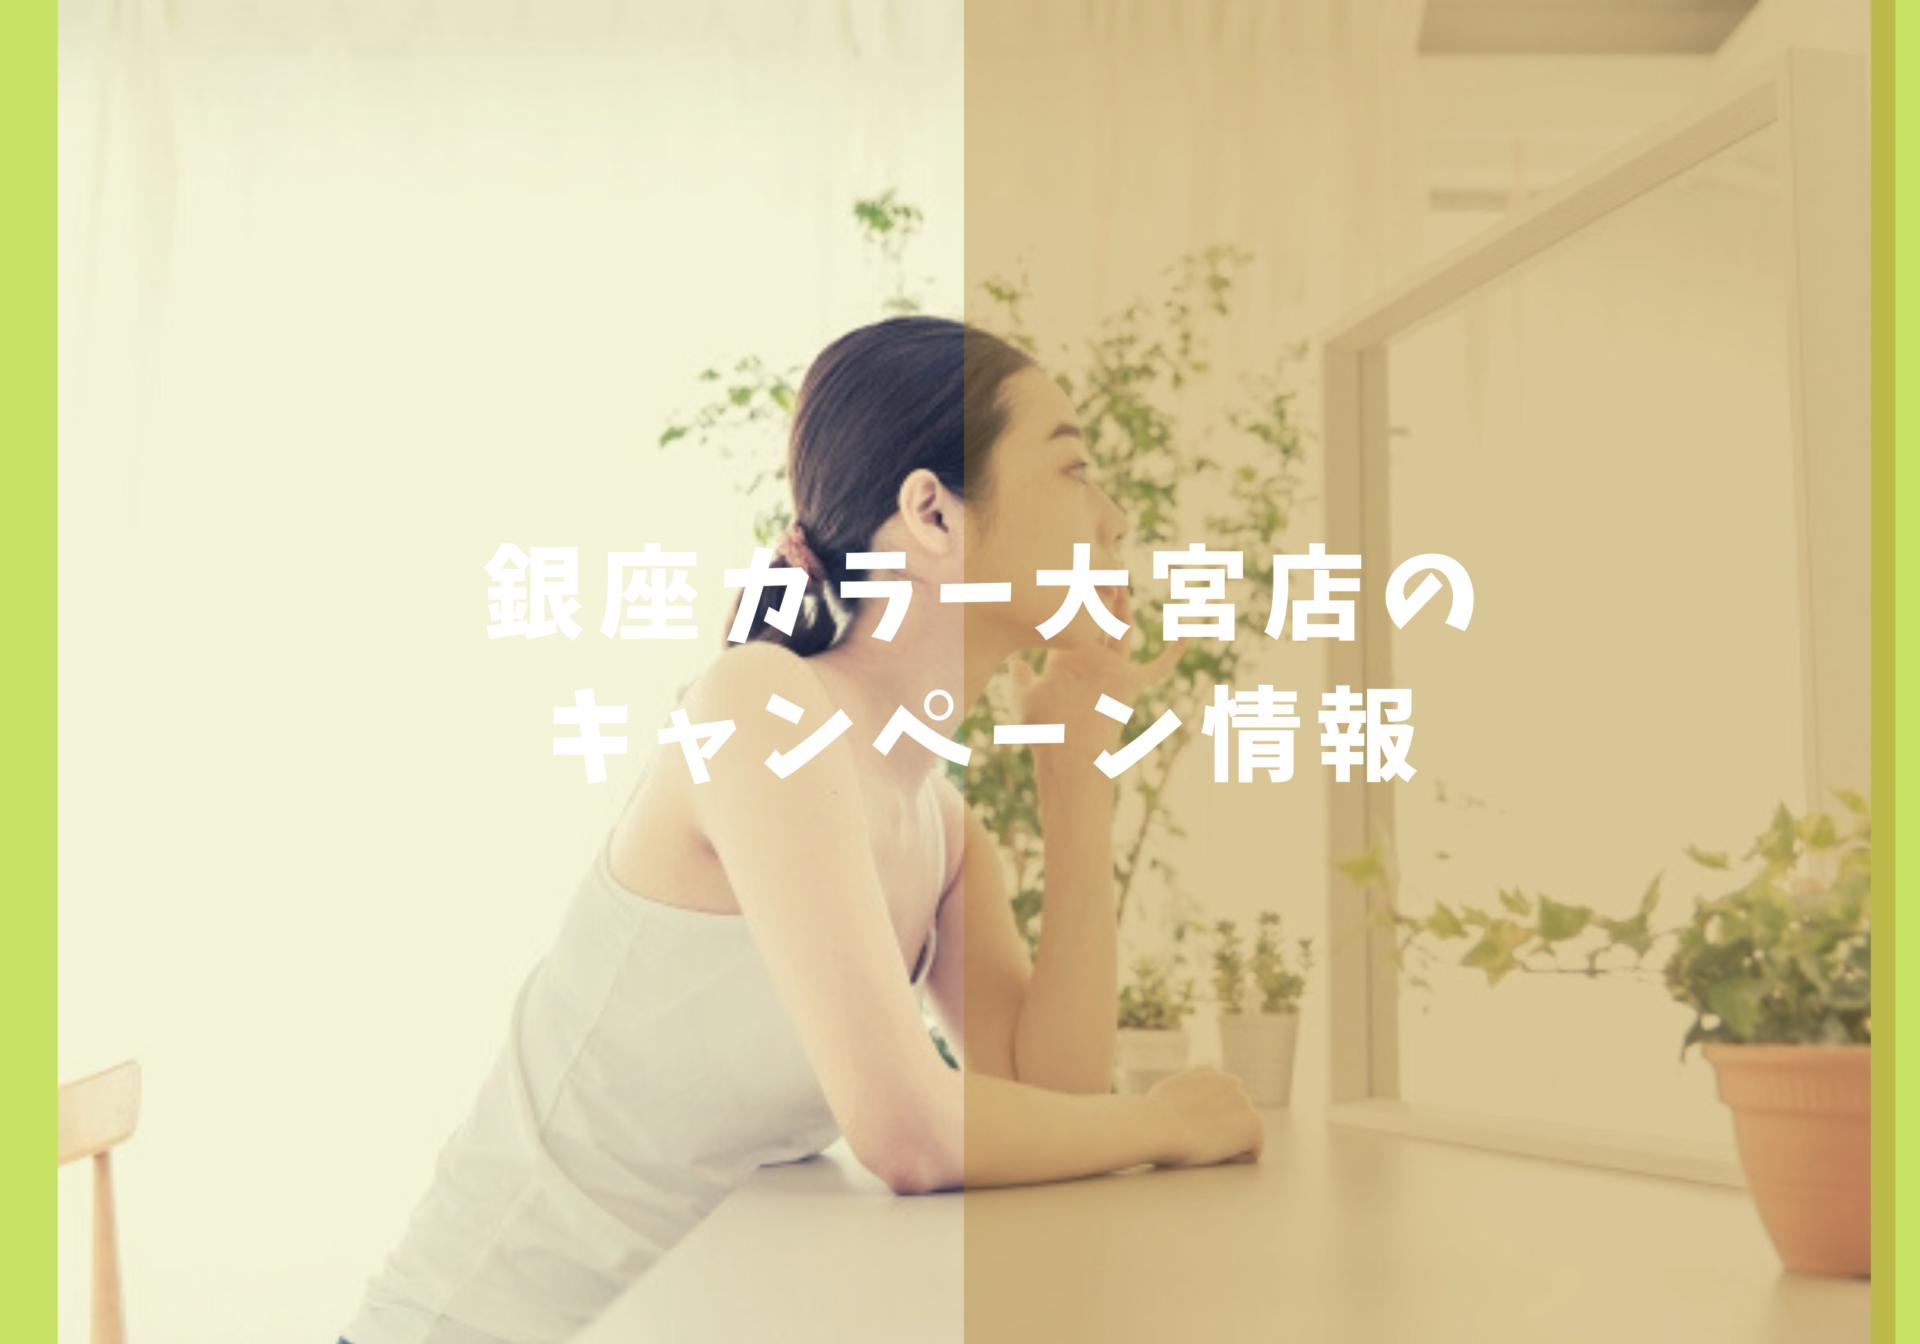 銀座カラー大宮店キャンペーン情報